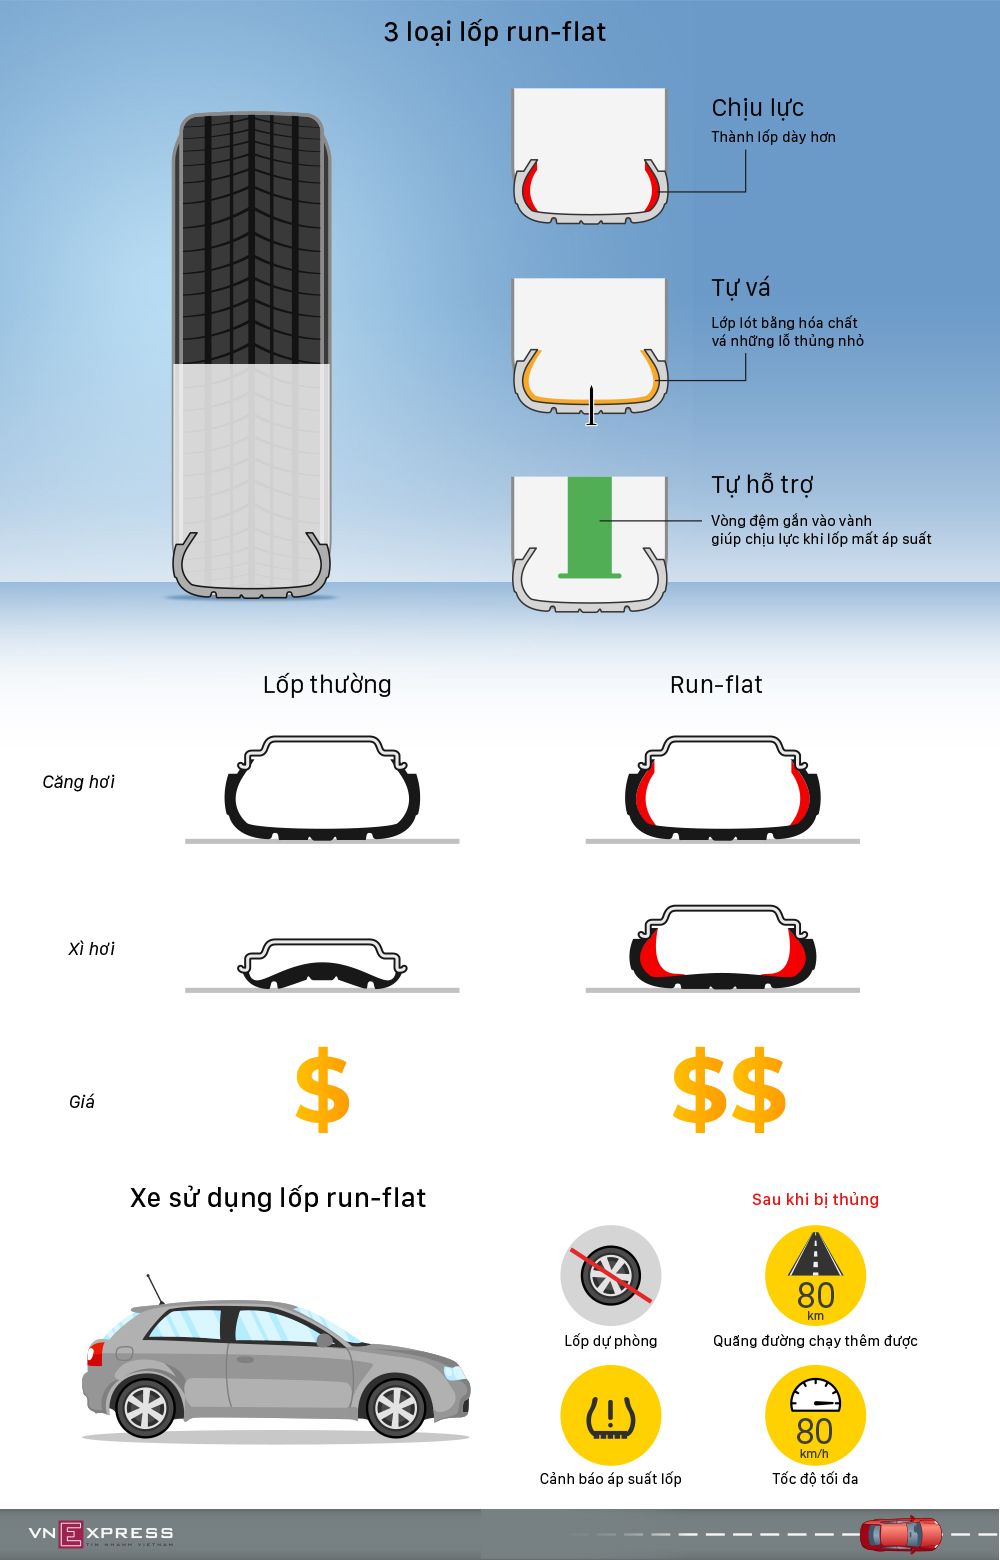 Lốp run-flat là gì?